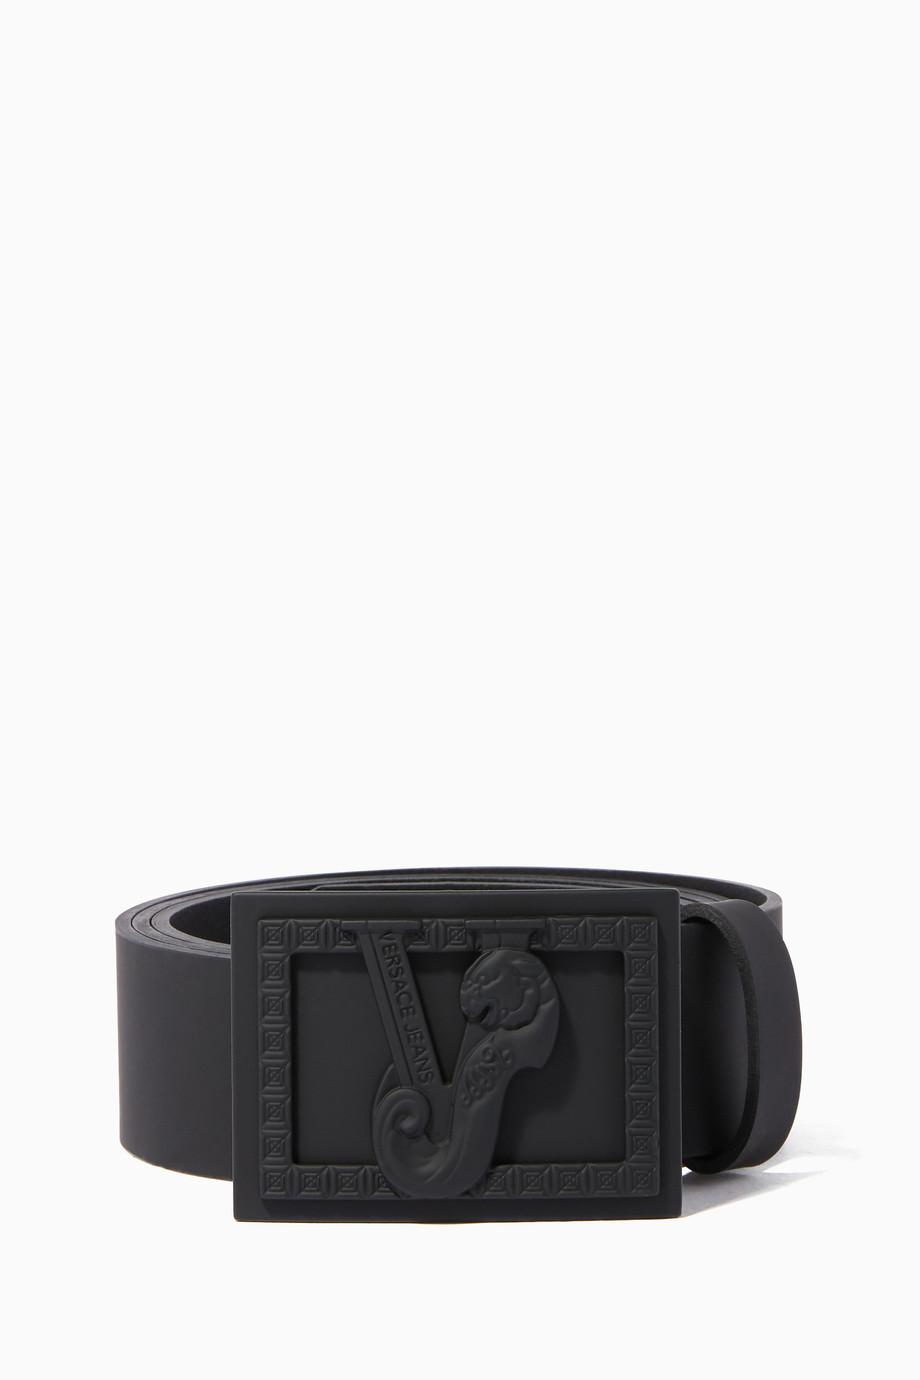 14014ca7 Shop Versace Jeans Black Black Leather Logo Belt for Men | Ounass UAE